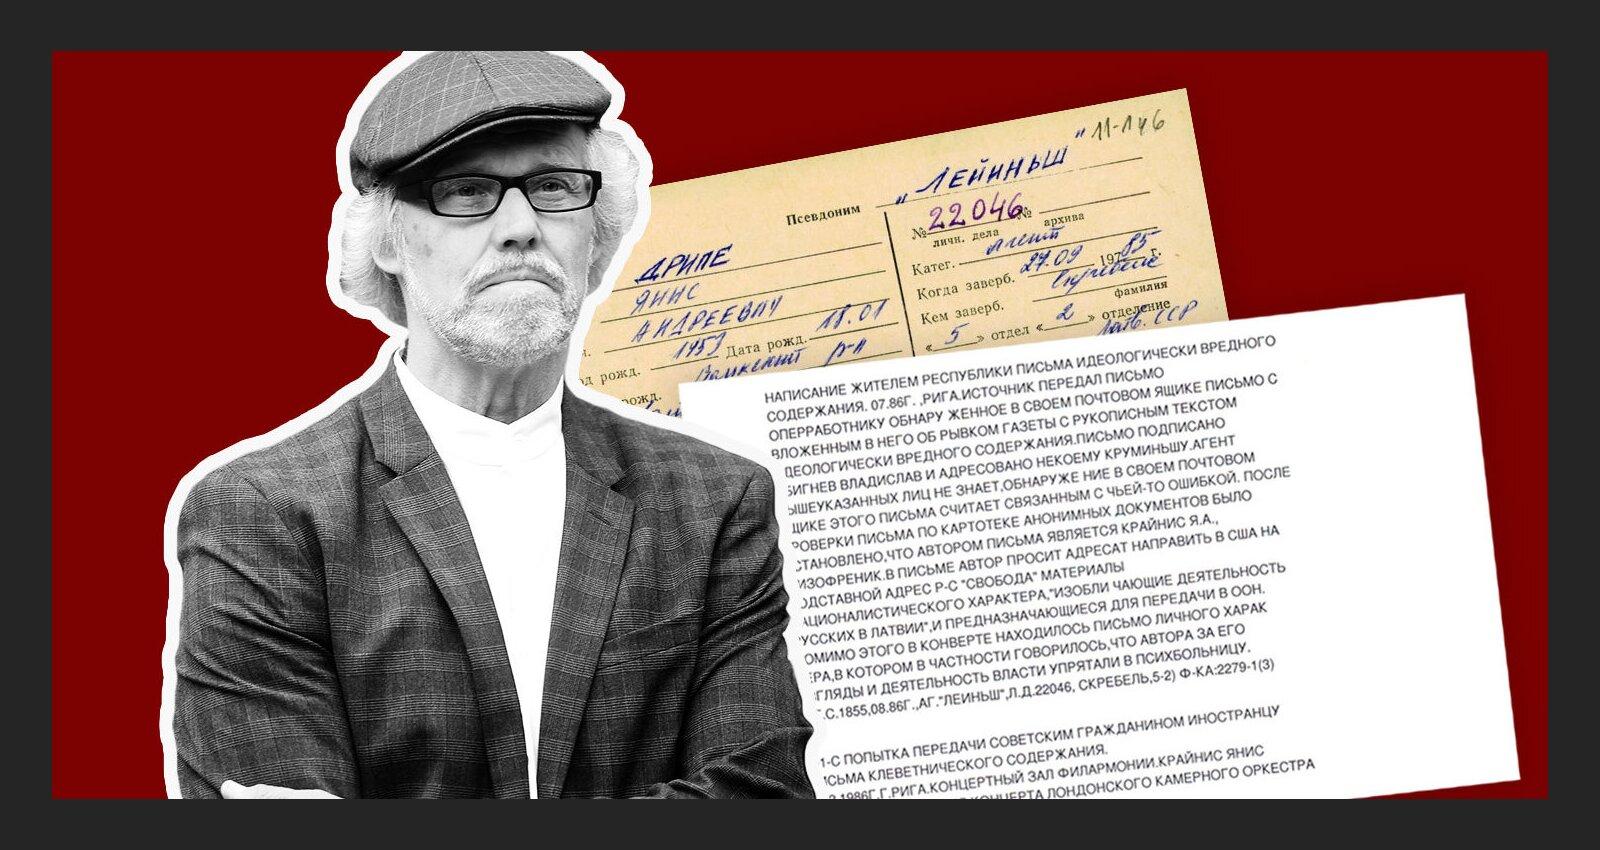 'Maisi vaļā': Aģents 'Lejiņš' nodod čekai 'šizofrēniķa' vēstuli; arhitekts Dripe to sauc par 'tehnisku kļūmi'